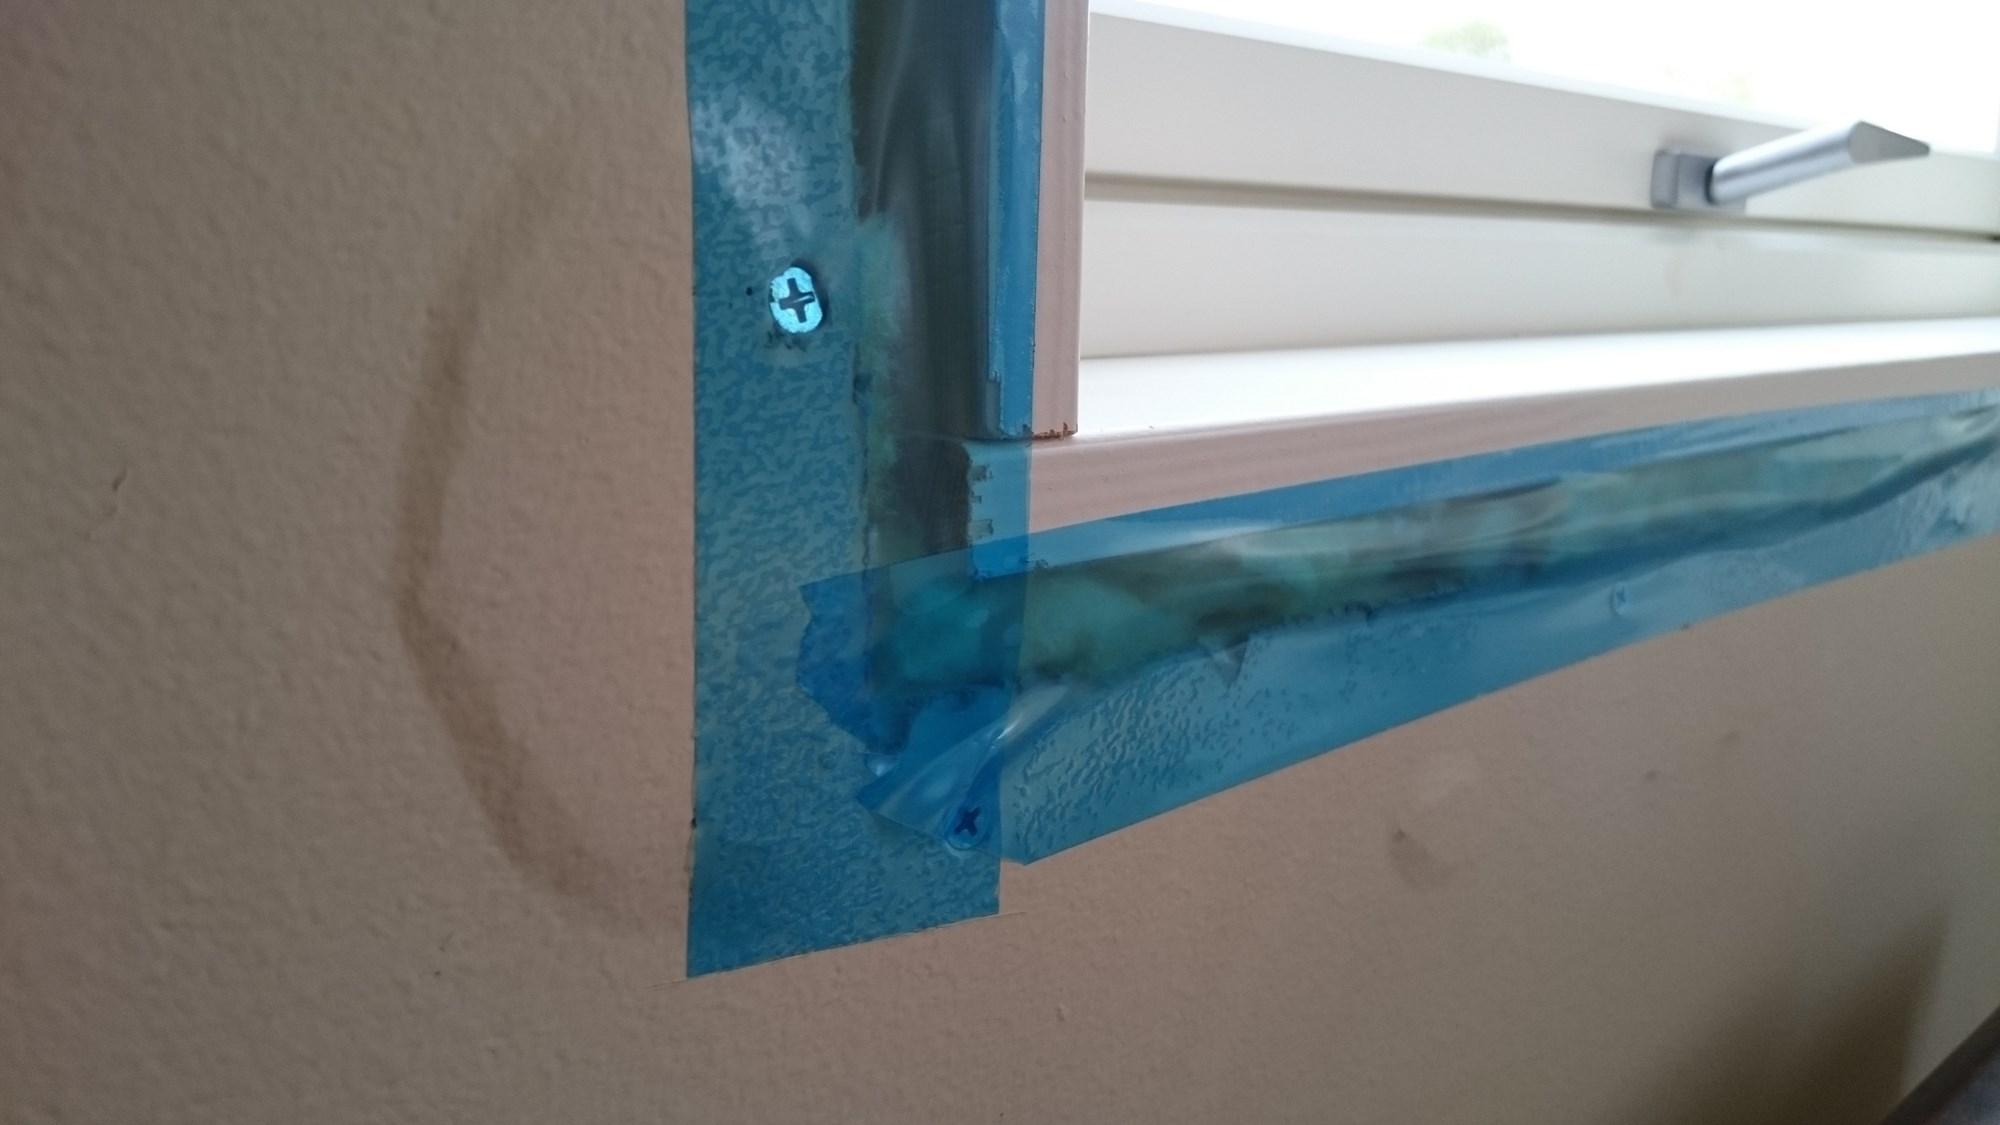 Bul og sprekk i gips etter montering av vindu ByggeBolig